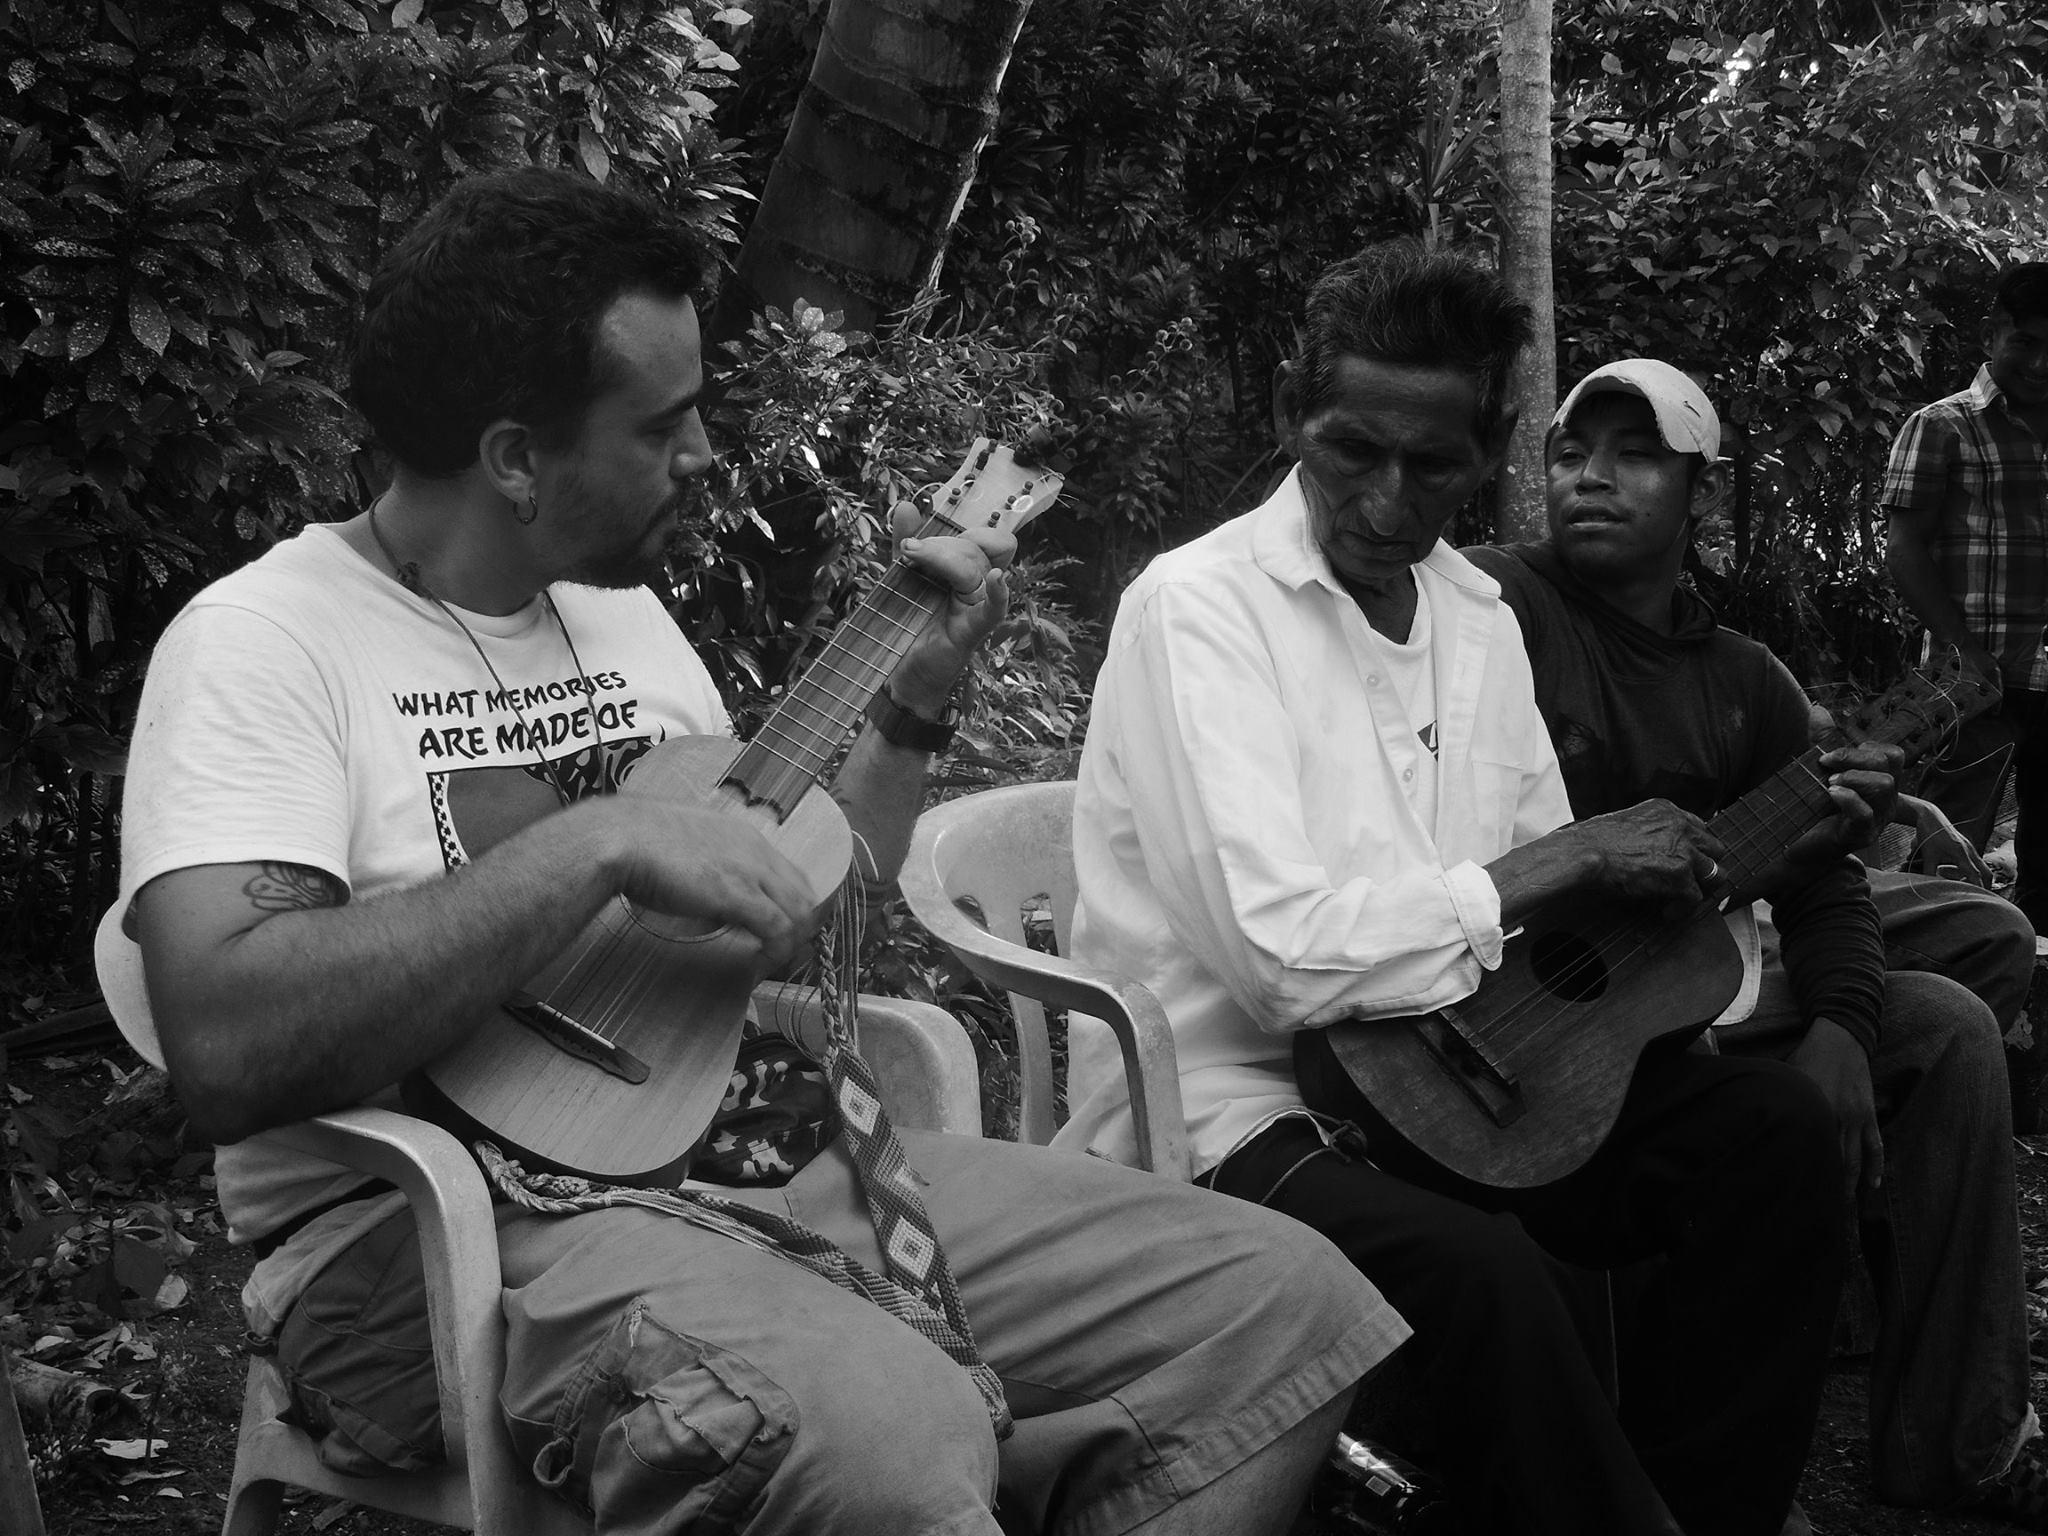 El freak folk jarocho, la ecléctica propuesta del proyecto Zopilote Radiante y Los 7 Capotes Negros